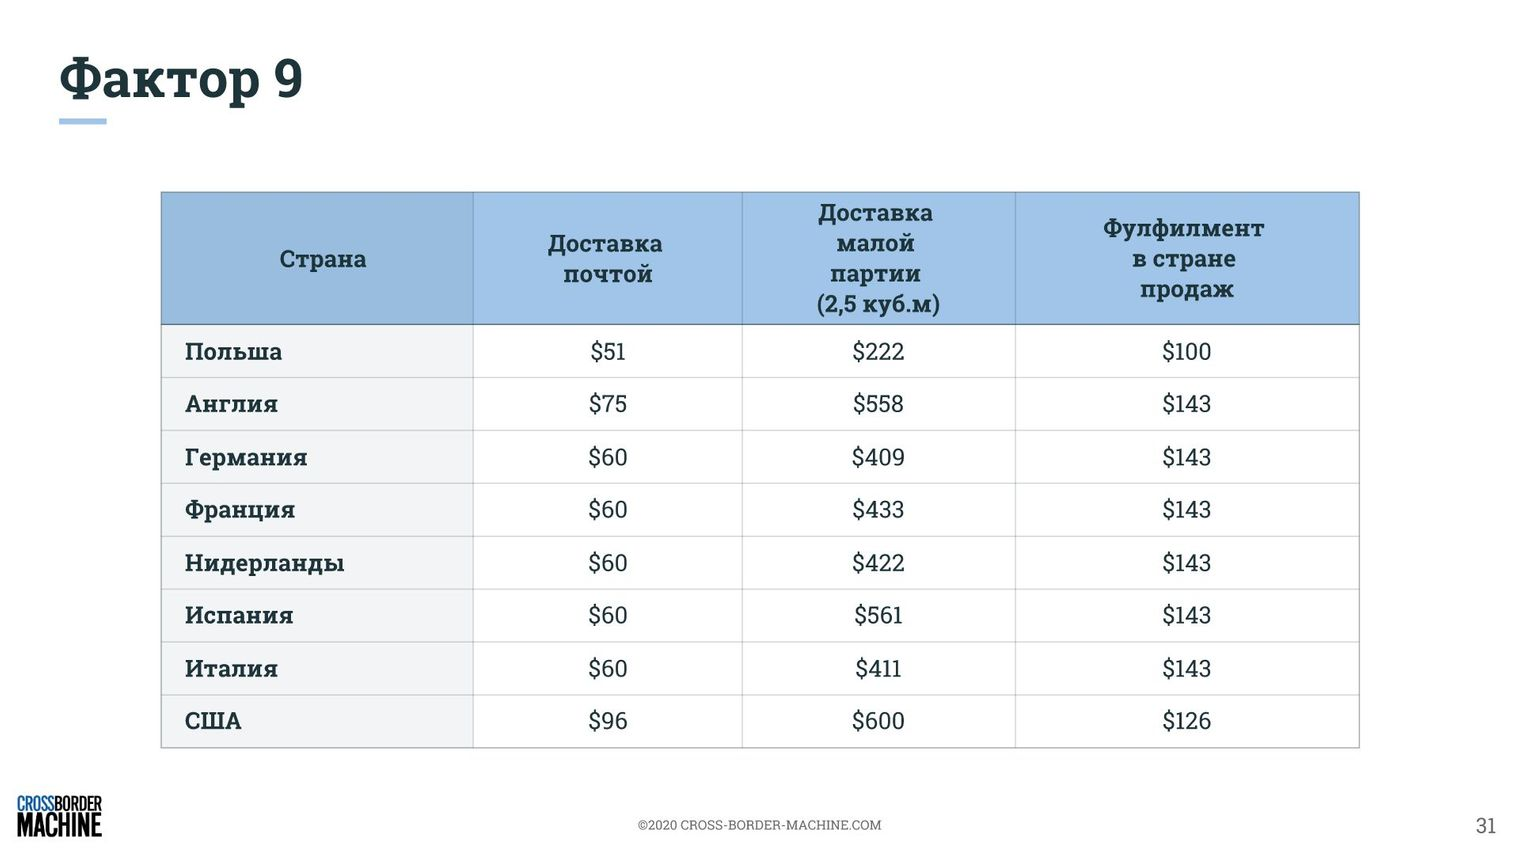 Построение стратегии продаж геймерских кресел на основе 9 факторов рентабельного экспорта. Аналитика и рекомендации 8